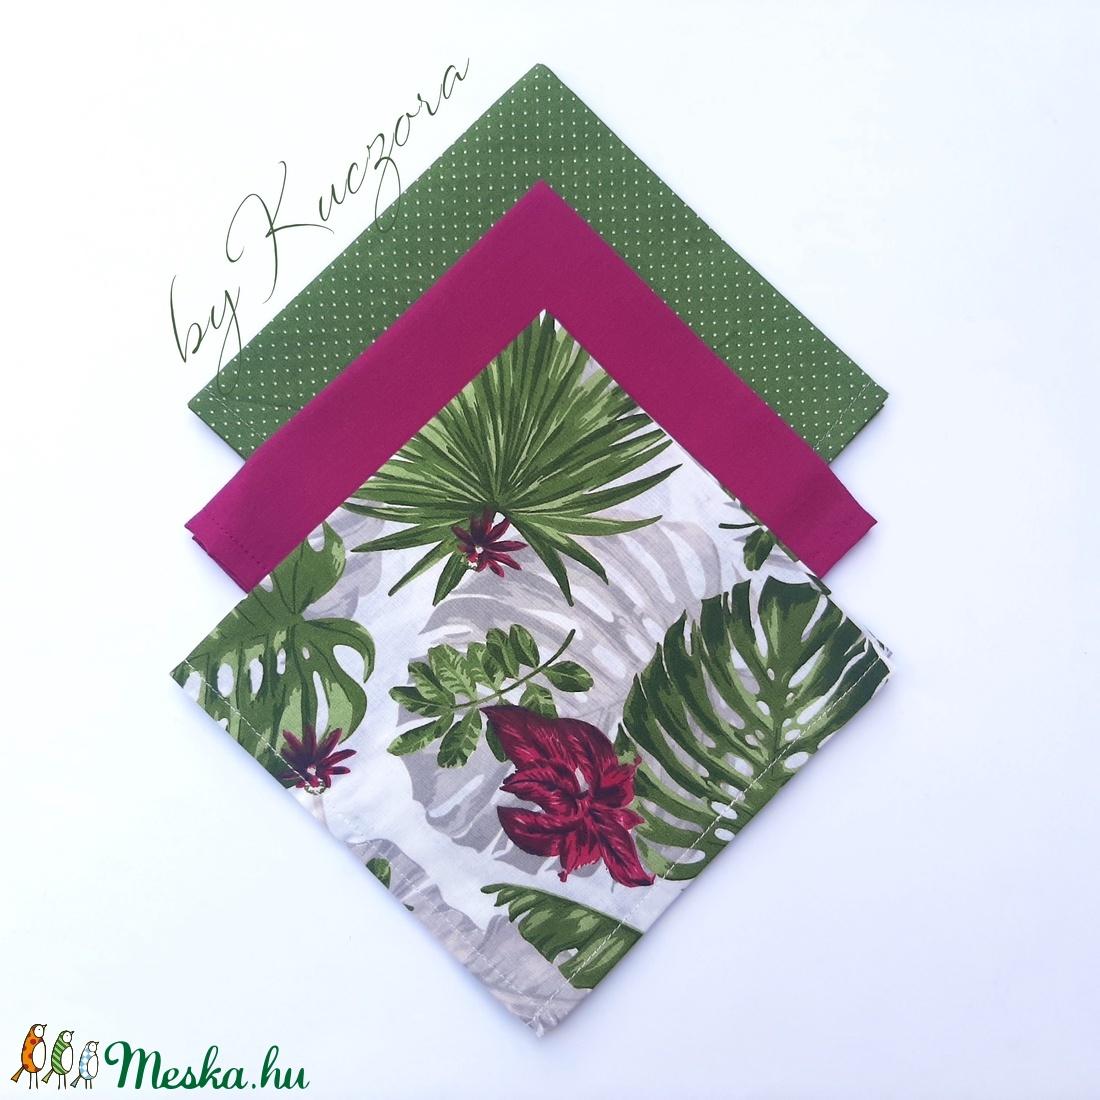 Textil zsebkendő szett, öko zsebkendő szett - Pálmaleveles, trópusi leveles (byKuczora) - Meska.hu